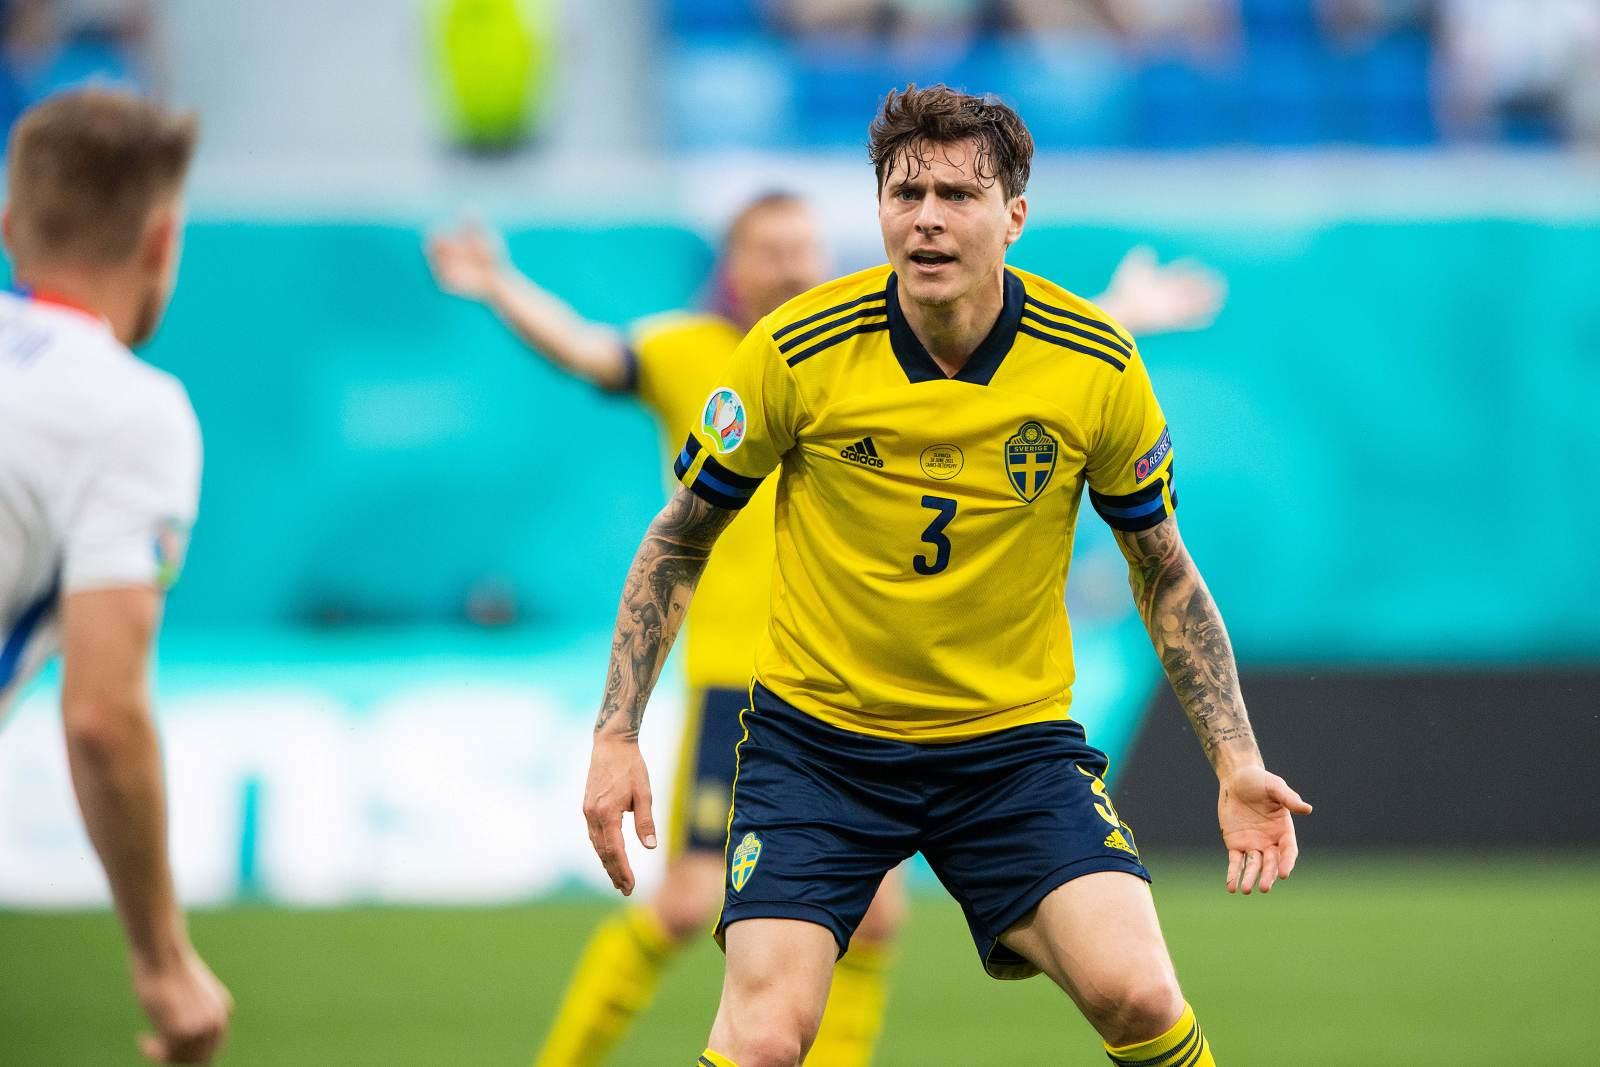 Защитник «МЮ» Линделоф стал капитаном сборной Швеции